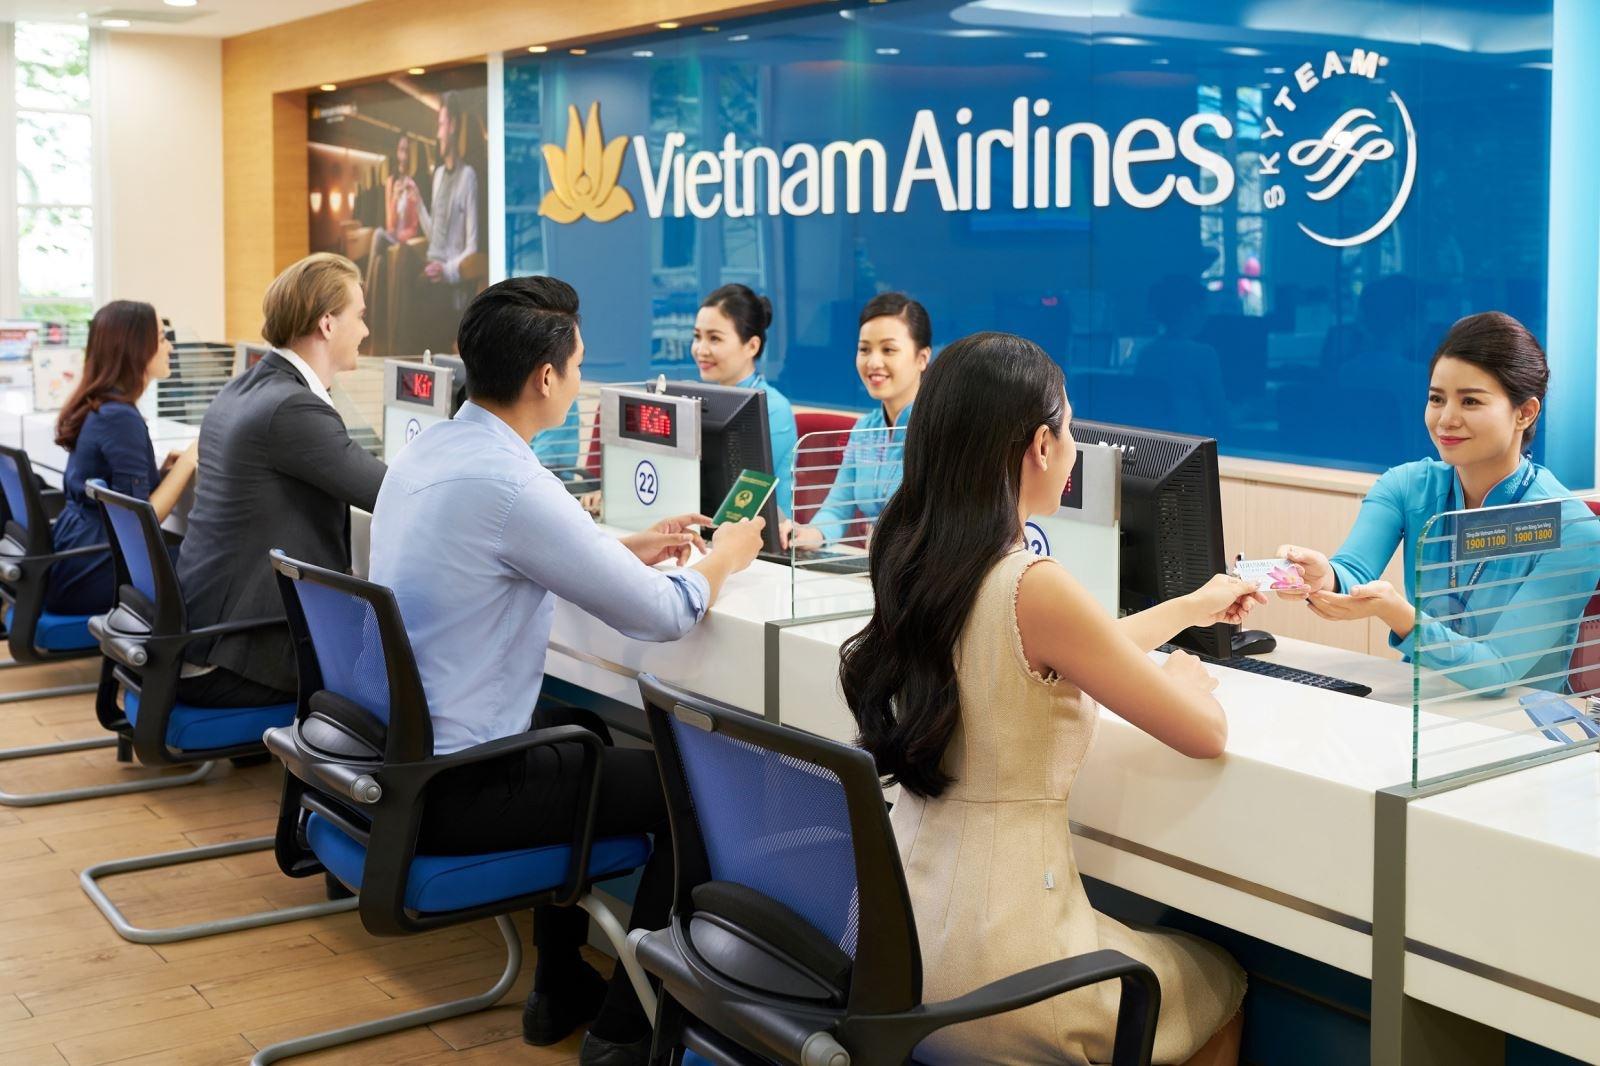 mua 1 tang 1 va giam 25 gia ve may bay nhan dip sinh nhat vietnam airlines